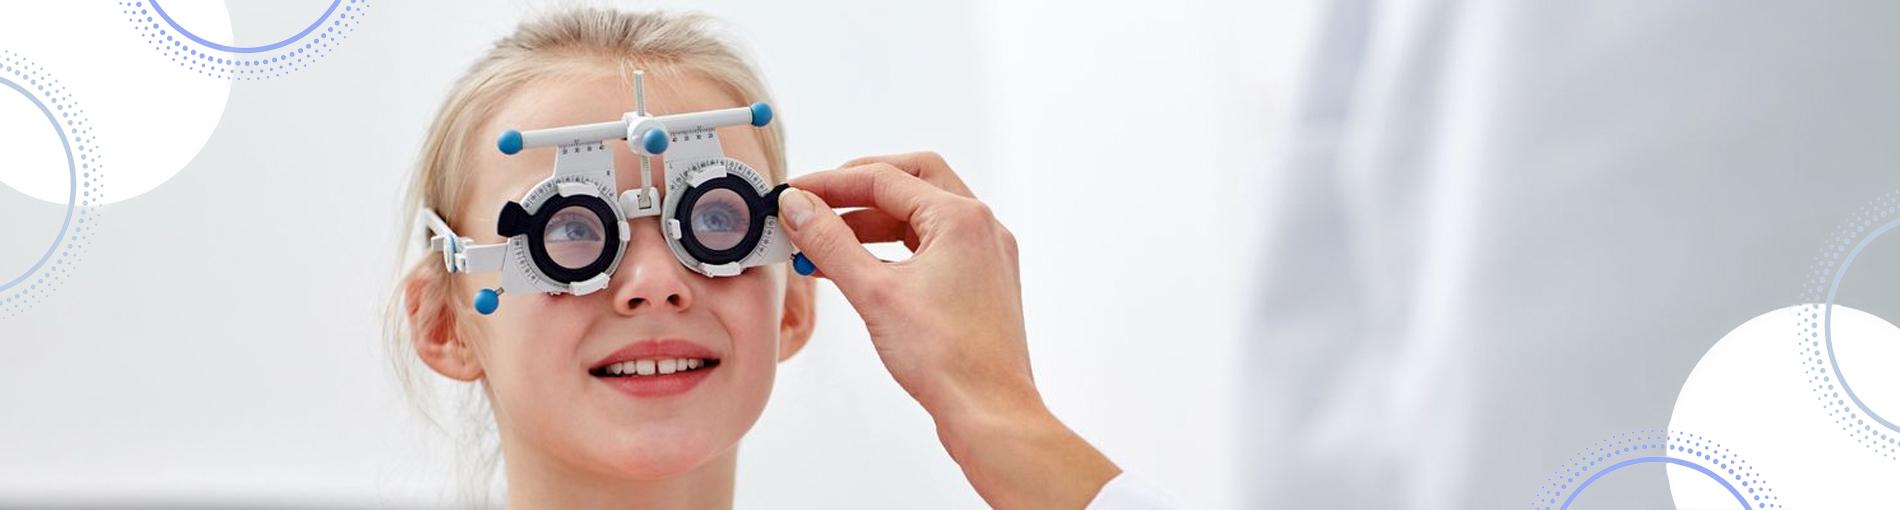 ד״ר רונית פרילינג מרפאת עיניים ילדים ילדה מודדת משקפיים